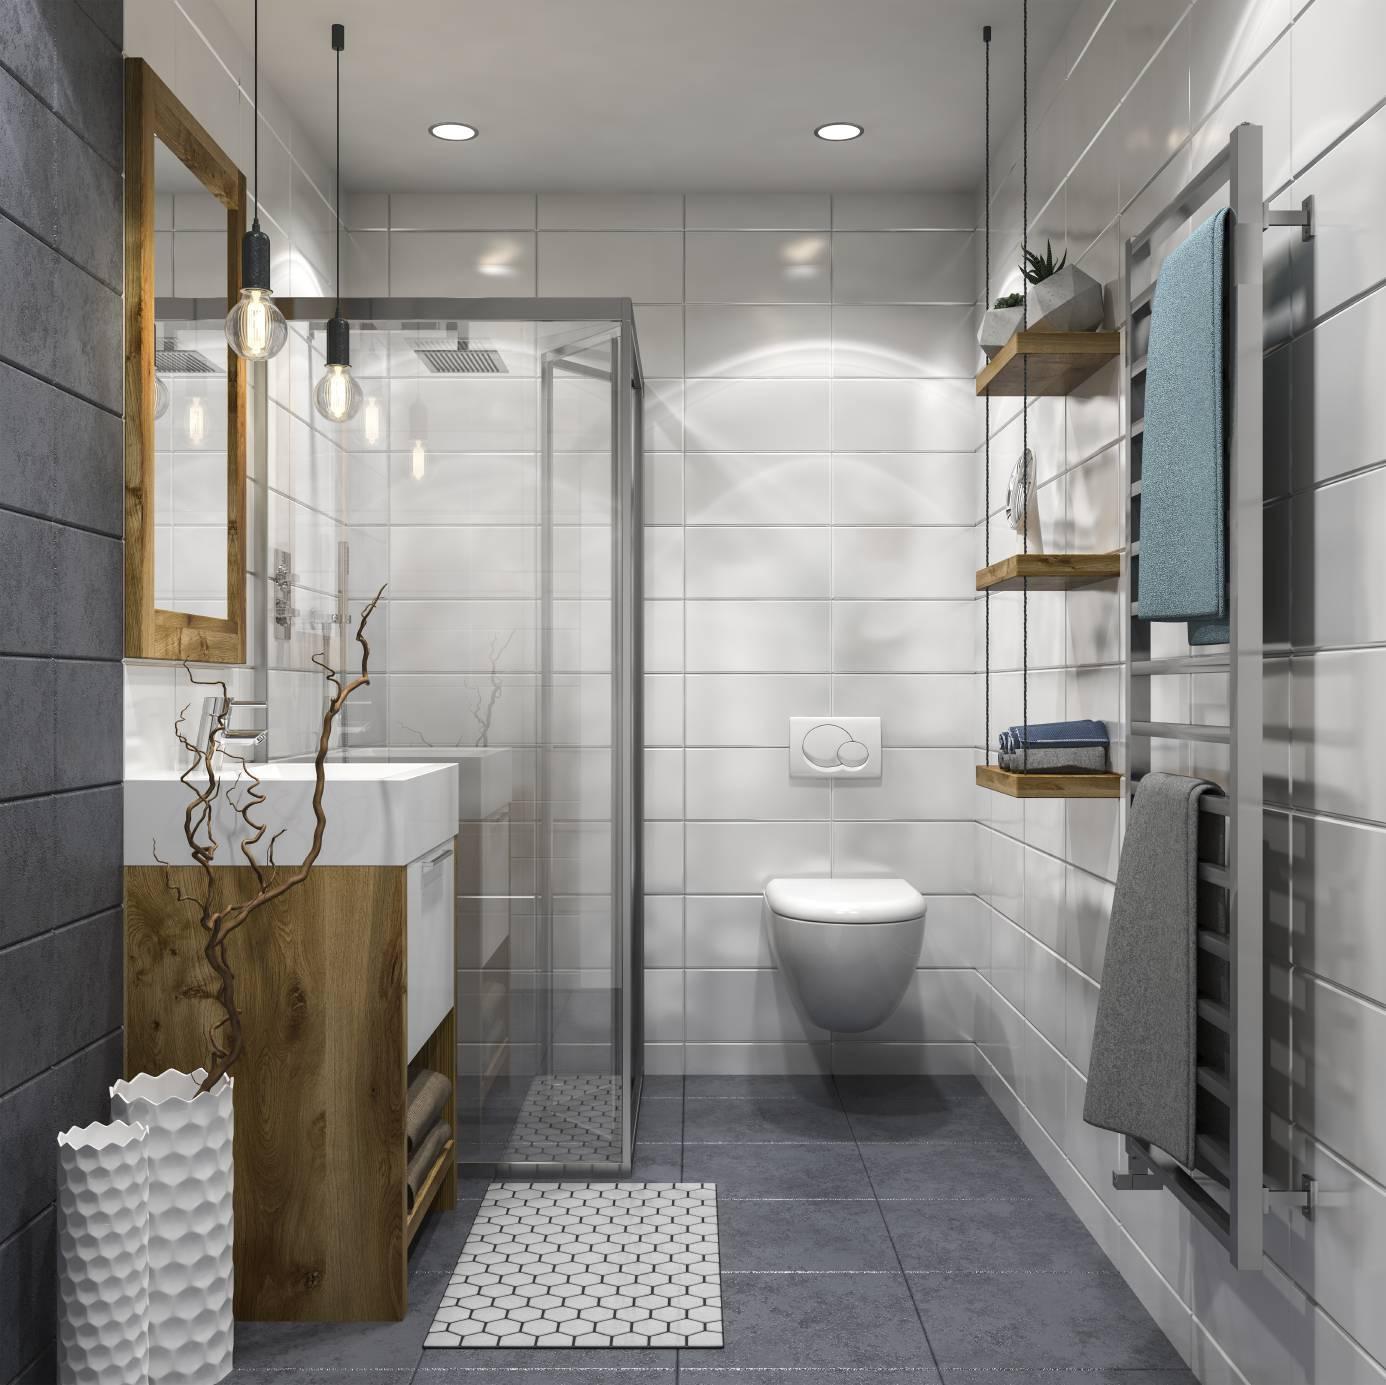 conseils pour l 39 clairage de votre salle de bains. Black Bedroom Furniture Sets. Home Design Ideas